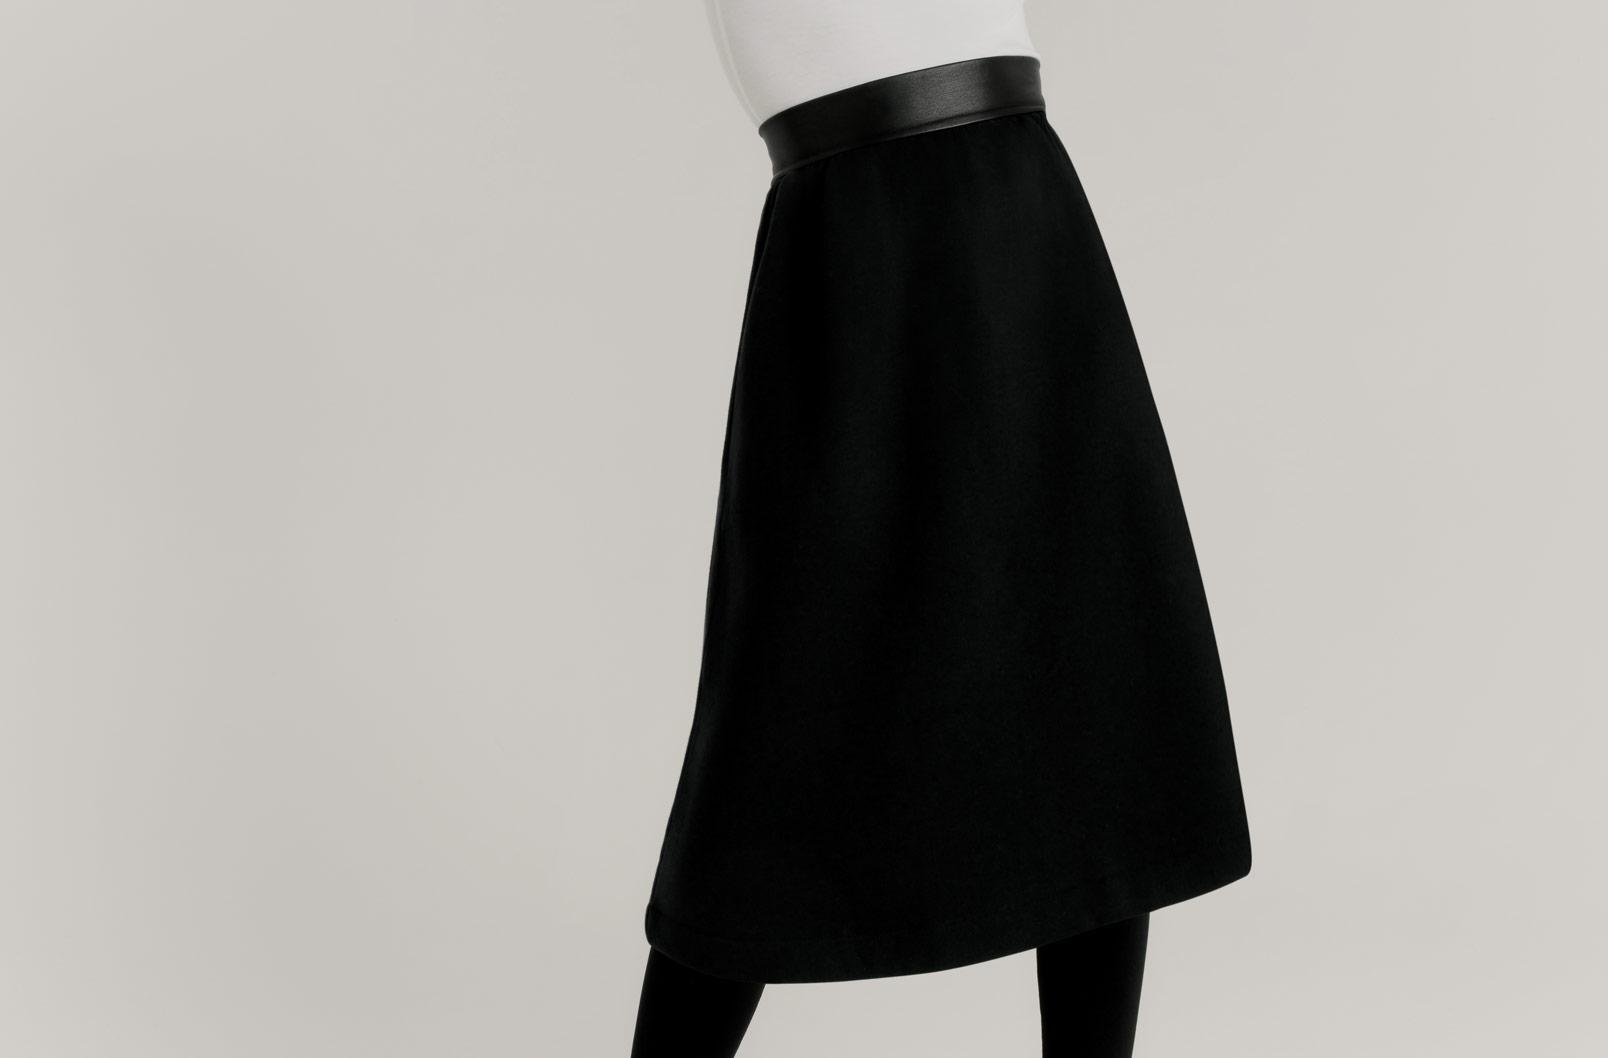 Detail shot of Fleece Midi Skirt showing mid-calf hem